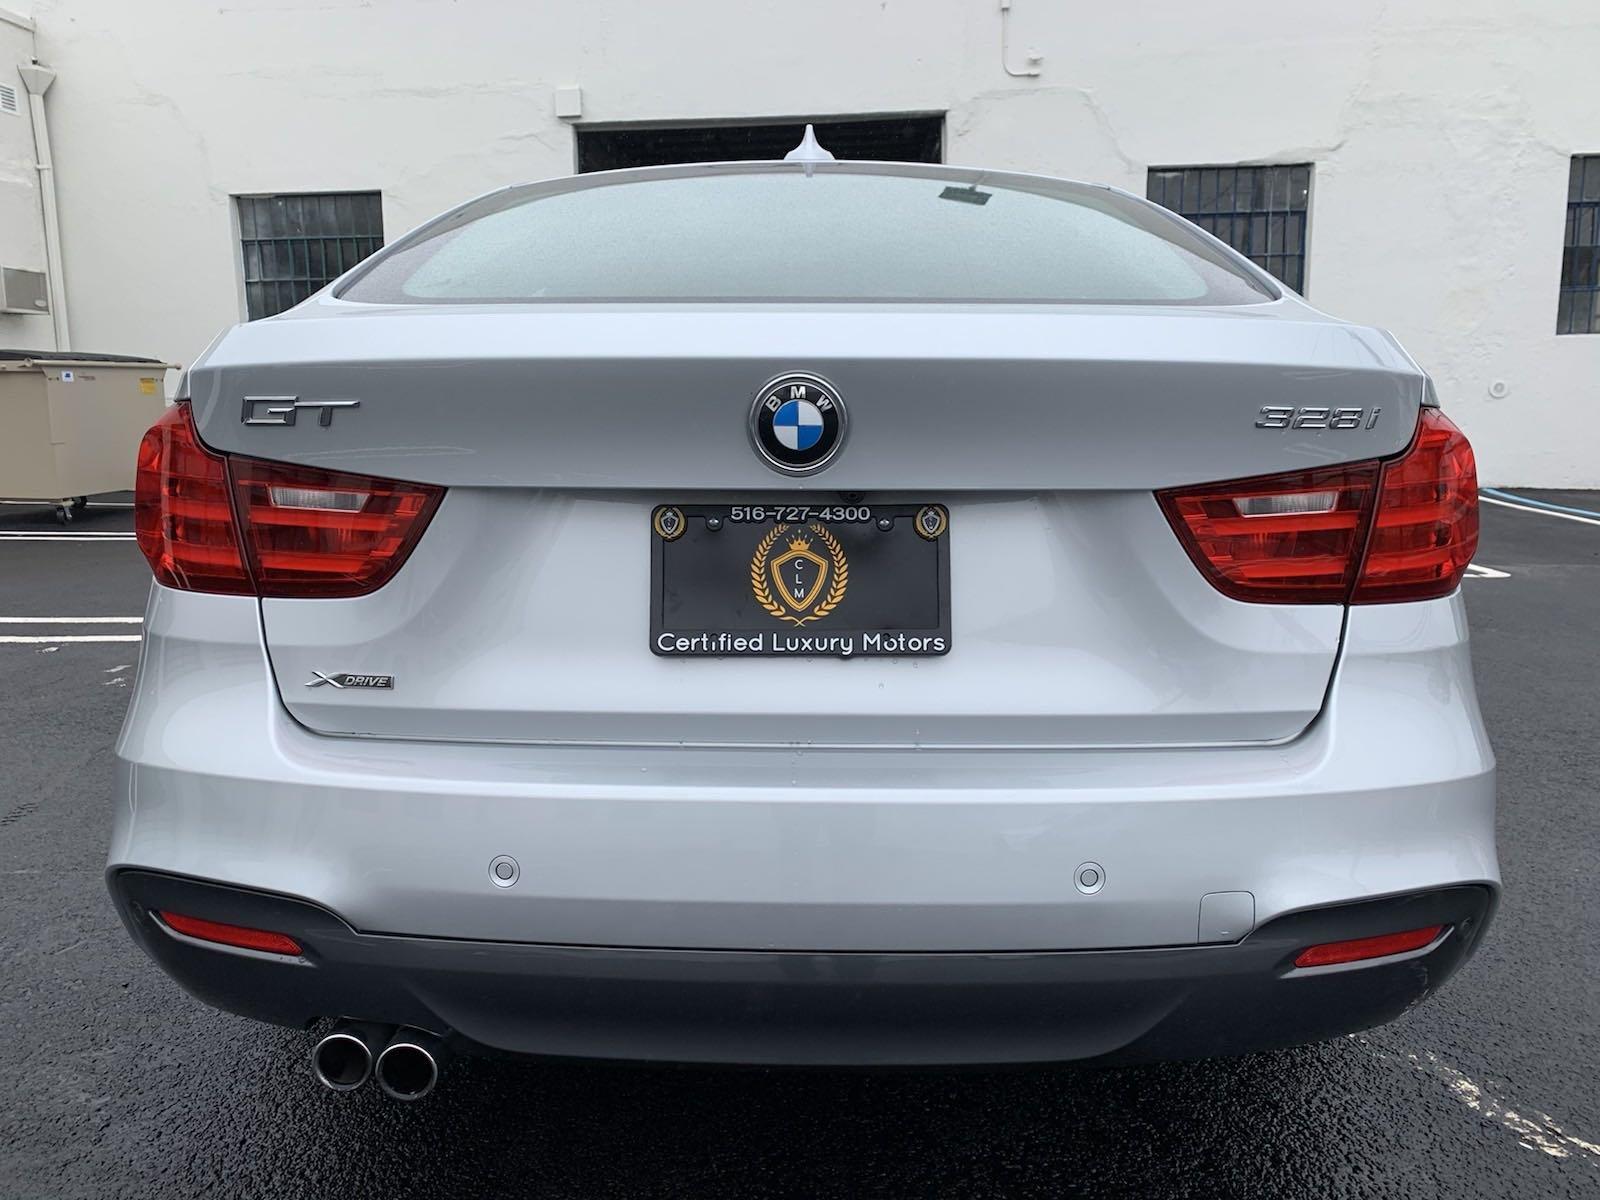 Used-2016-BMW-3-Series-Gran-Turismo-328i-xDrive